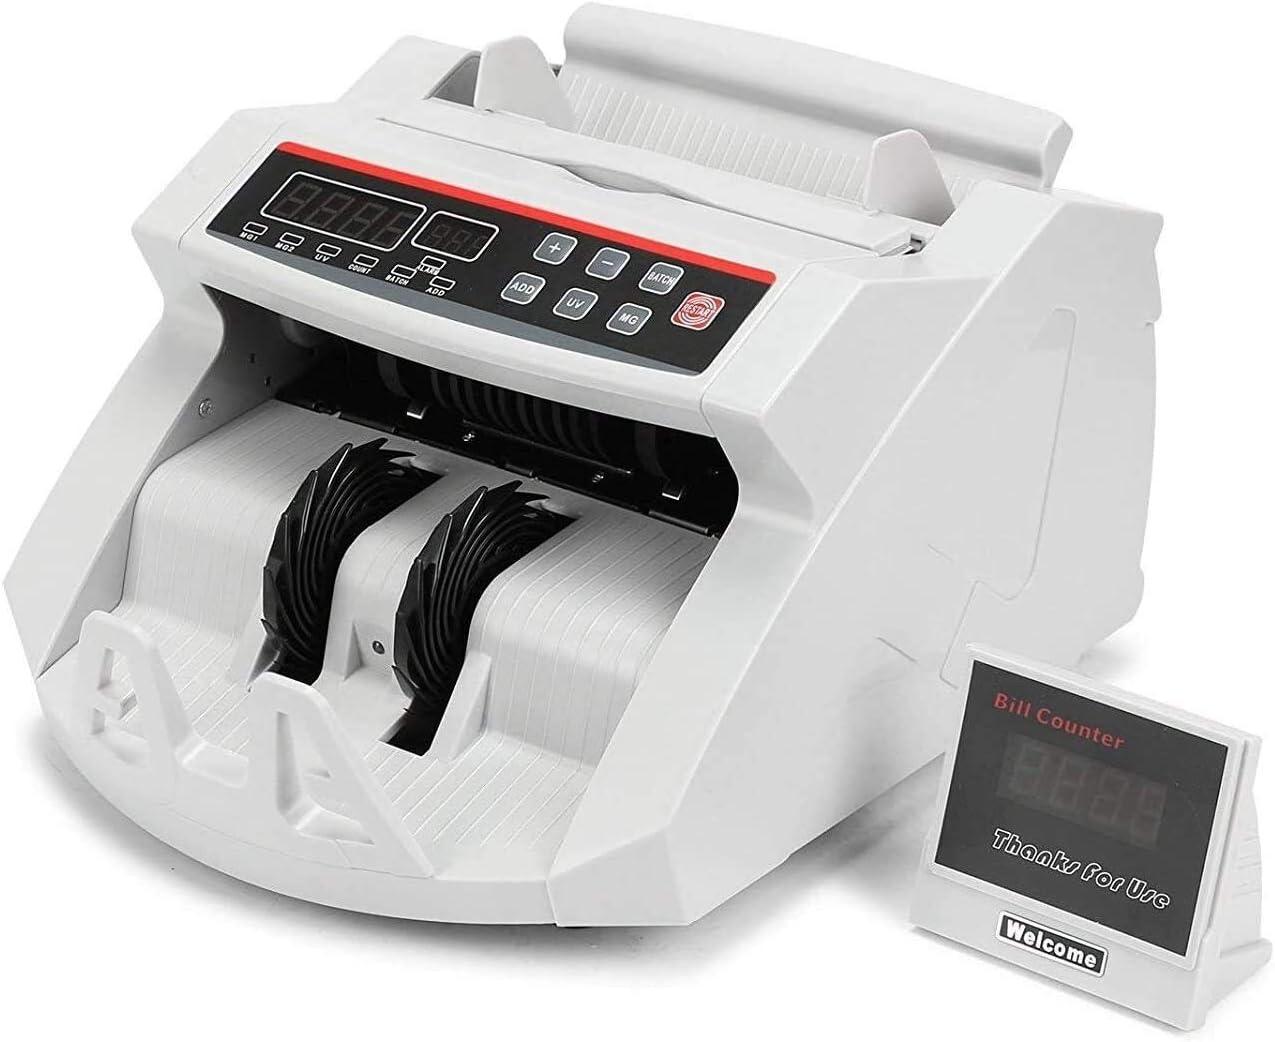 CHUXJ Cuenta de Efectivo máquina Cuenta Contador de Dinero de los EEUU del Dinero con la máquina de Rayos UV MG Detector de Billetes Falsos Contador de Dinero Pantalla LED Contador de Dinero